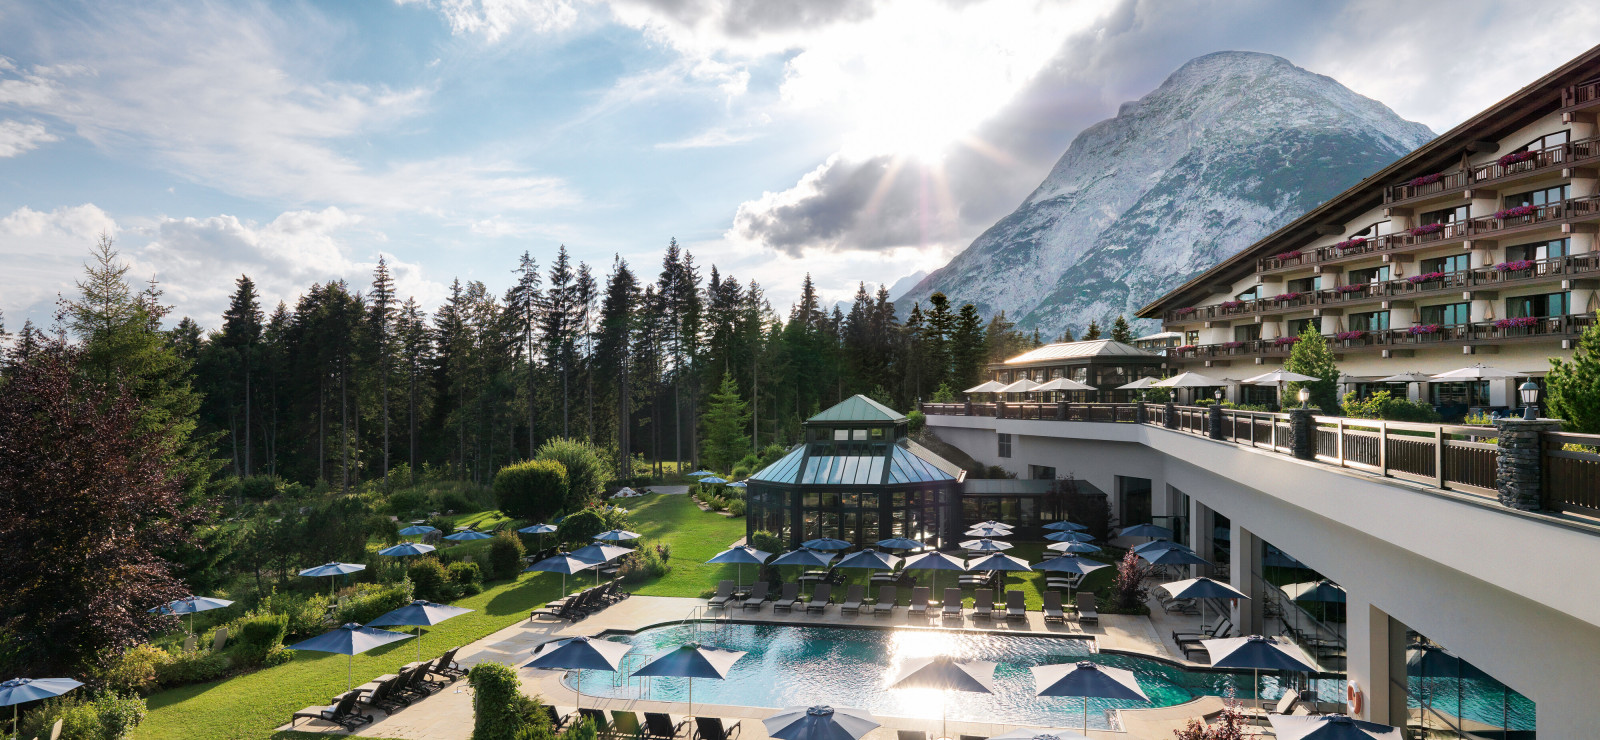 Interalpen - Hotel Tyrol Bilder | Bild 1